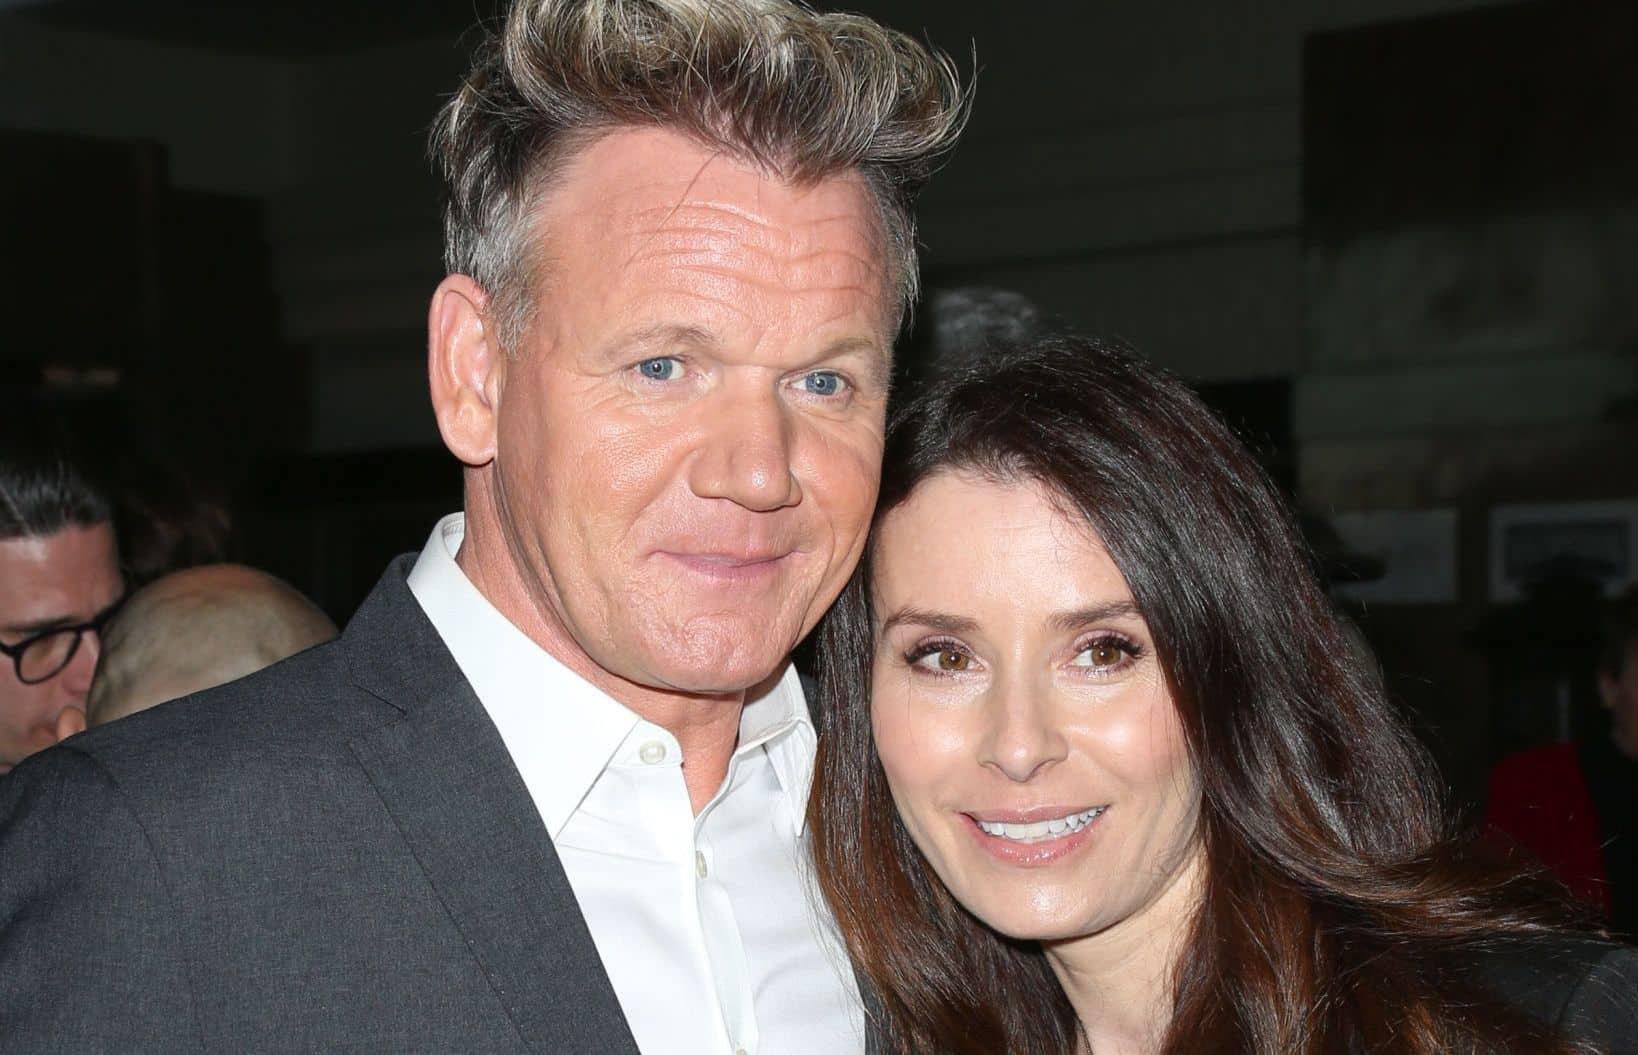 Gordon Ramsay and his wife Tana Ramsay